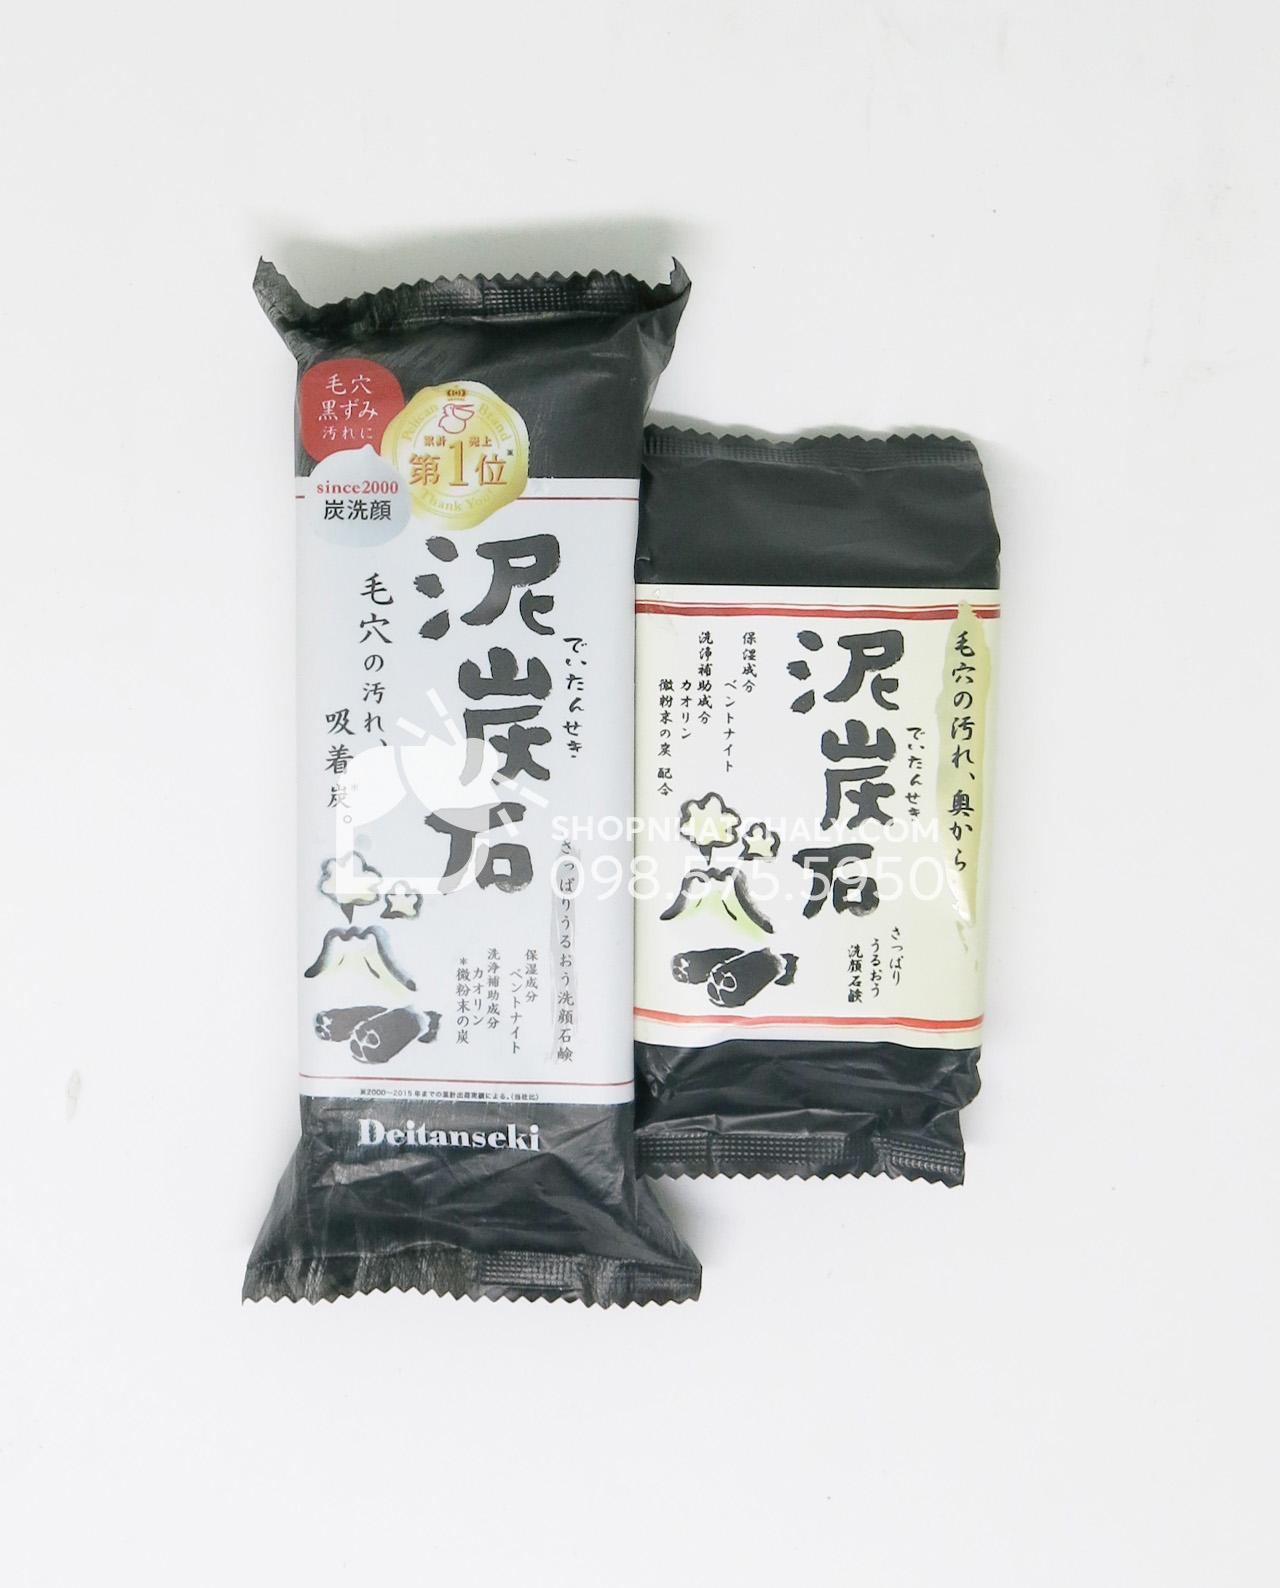 Xà phòng rửa mặt trị mụn Deitanseki - Than hoạt tính loại 100gr và 180gr